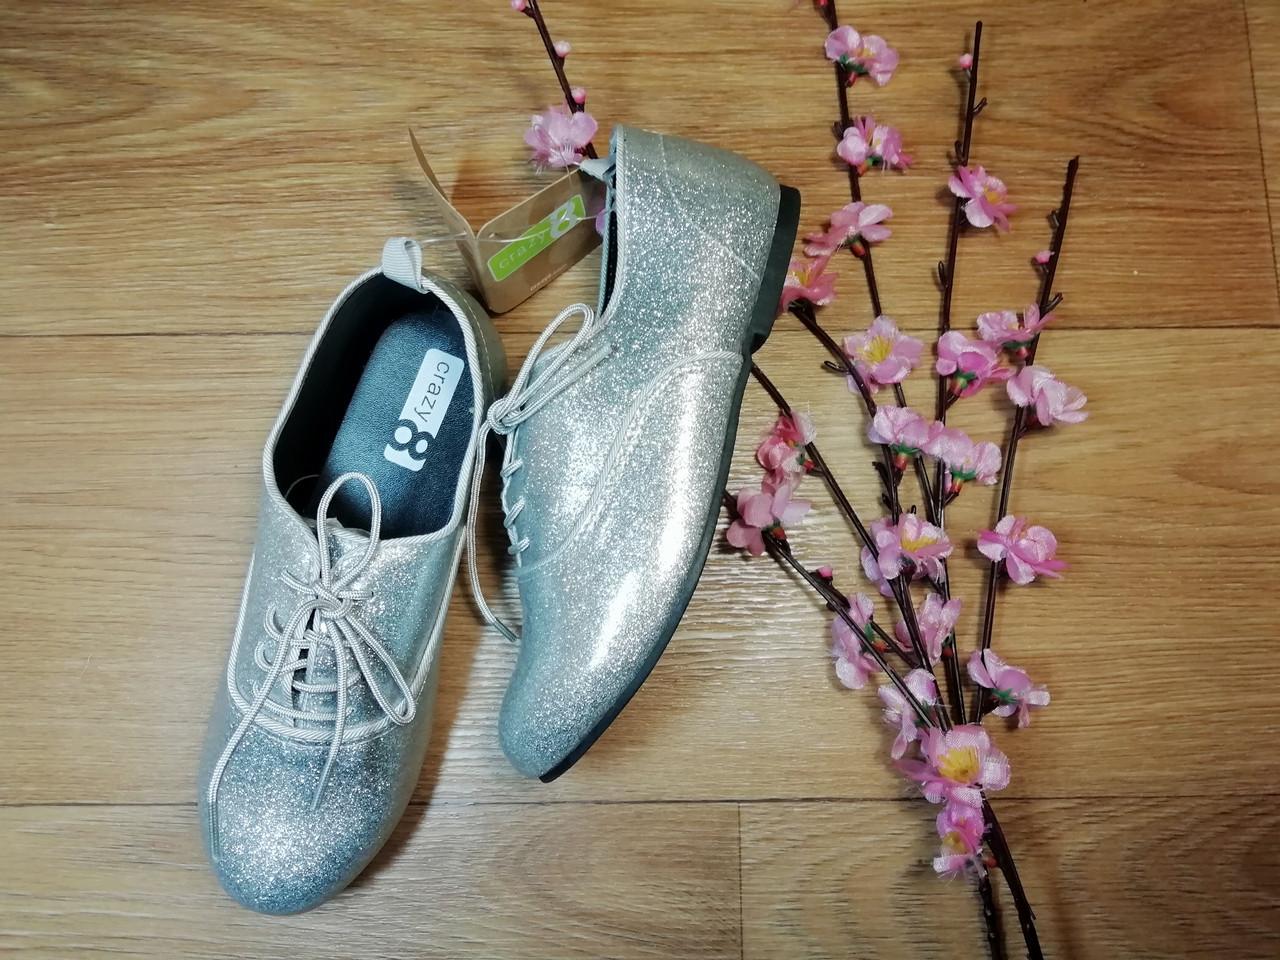 Серебристые стильные туфли на шнурках Crazy8 (США) (Размер 20 см)